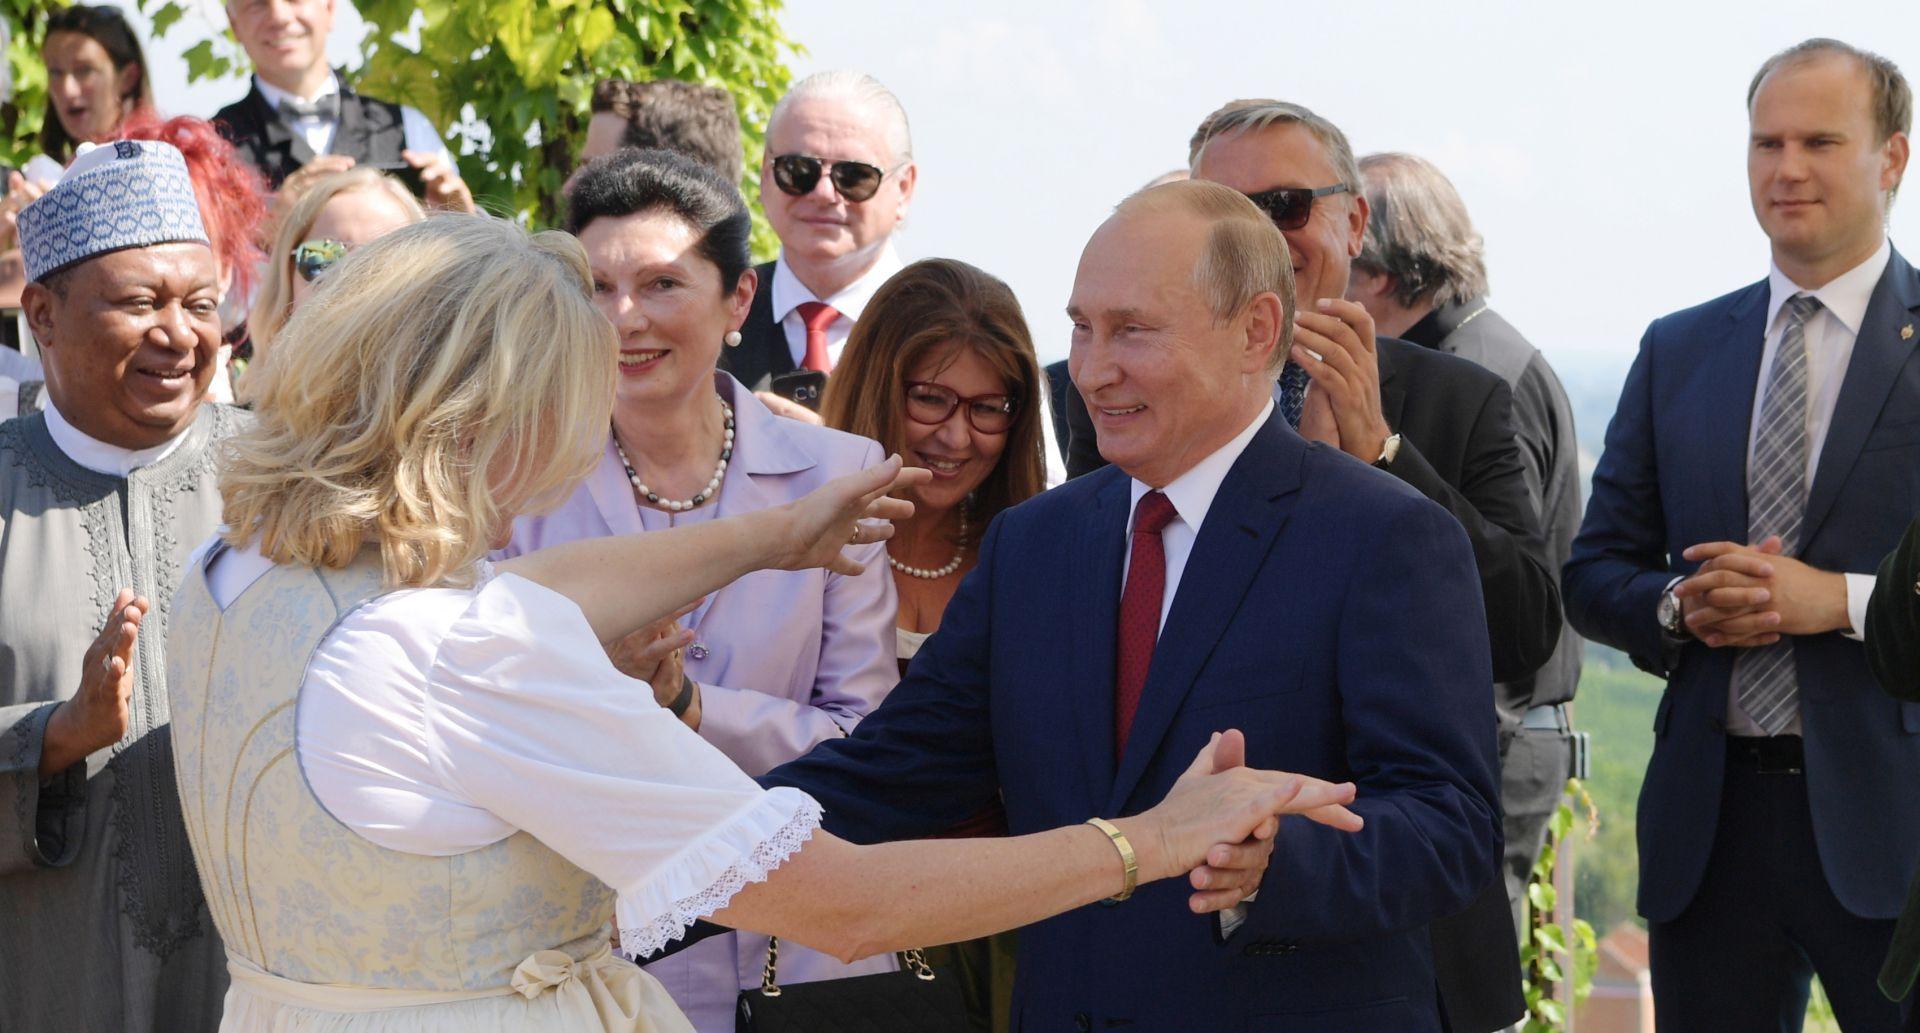 Austrija unatoč posjetu Putina dijeli stav EU prema Rusiji